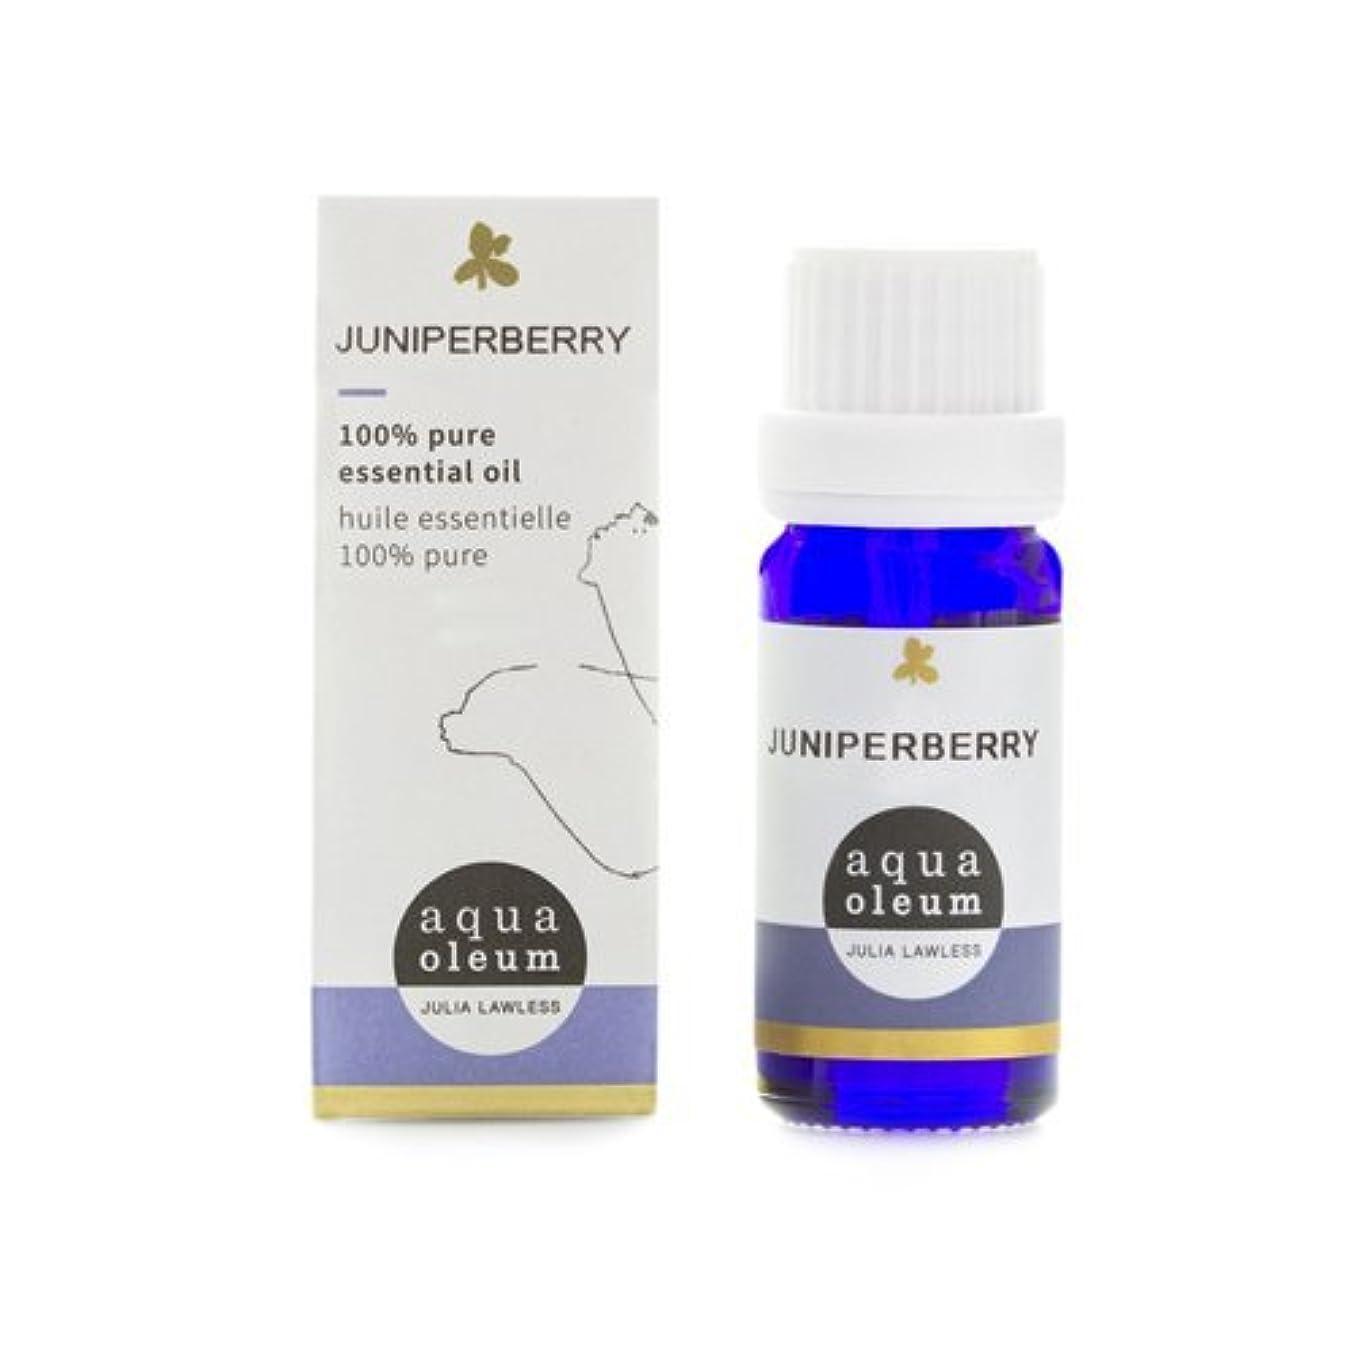 講堂単調な所有者アクアオレウム エッセンシャルオイル ジュニパーベリー 10ml(精油)